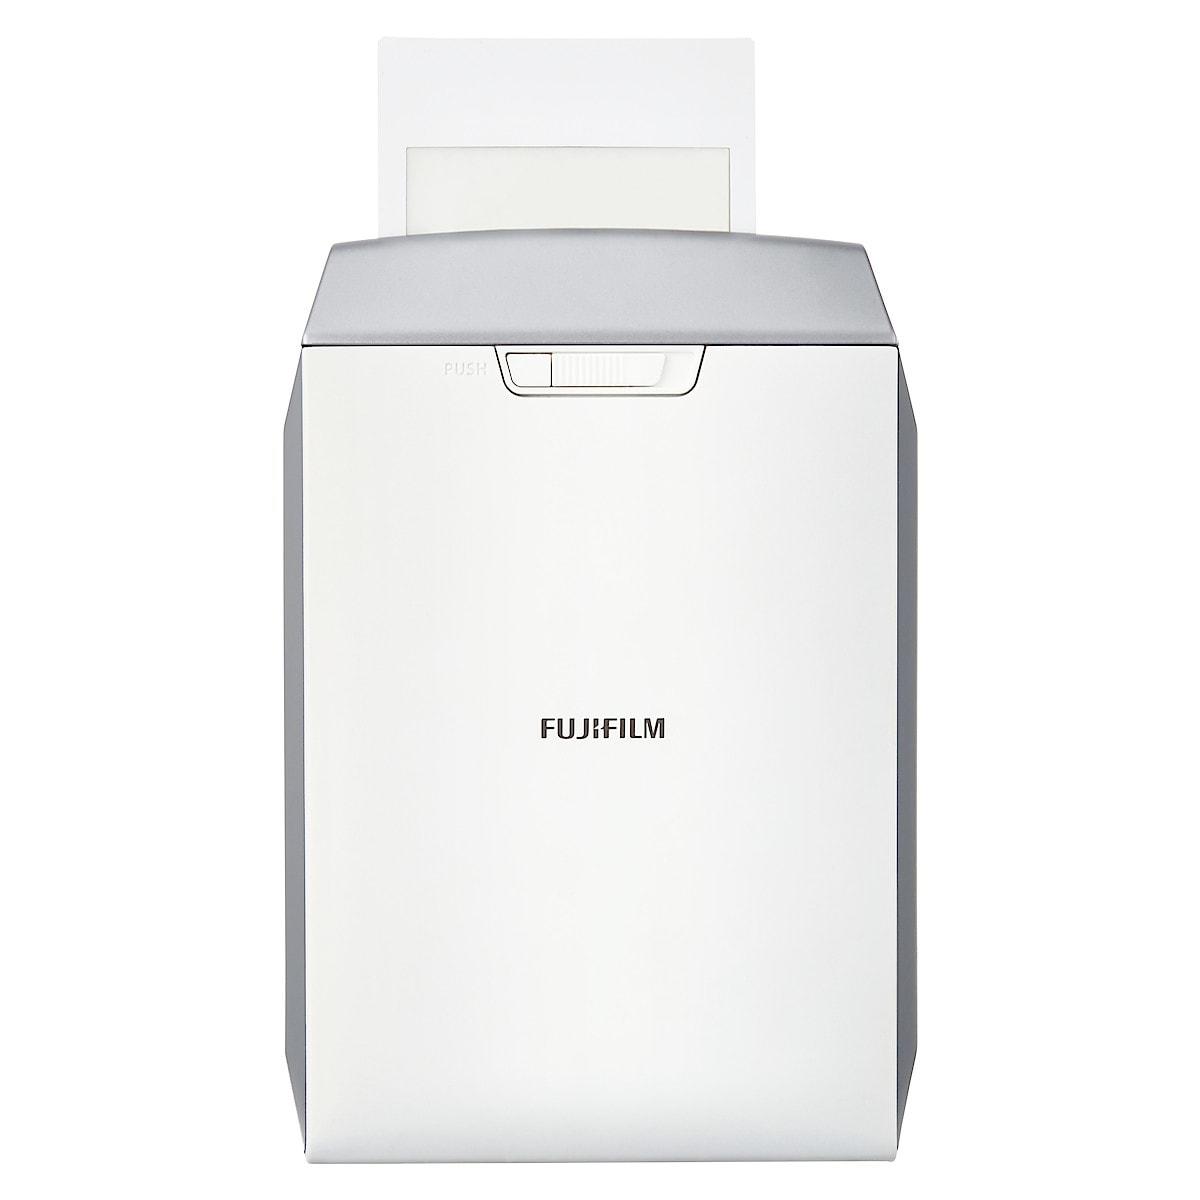 Fujifilm Instax Share SP-2 skrivare för smartphone